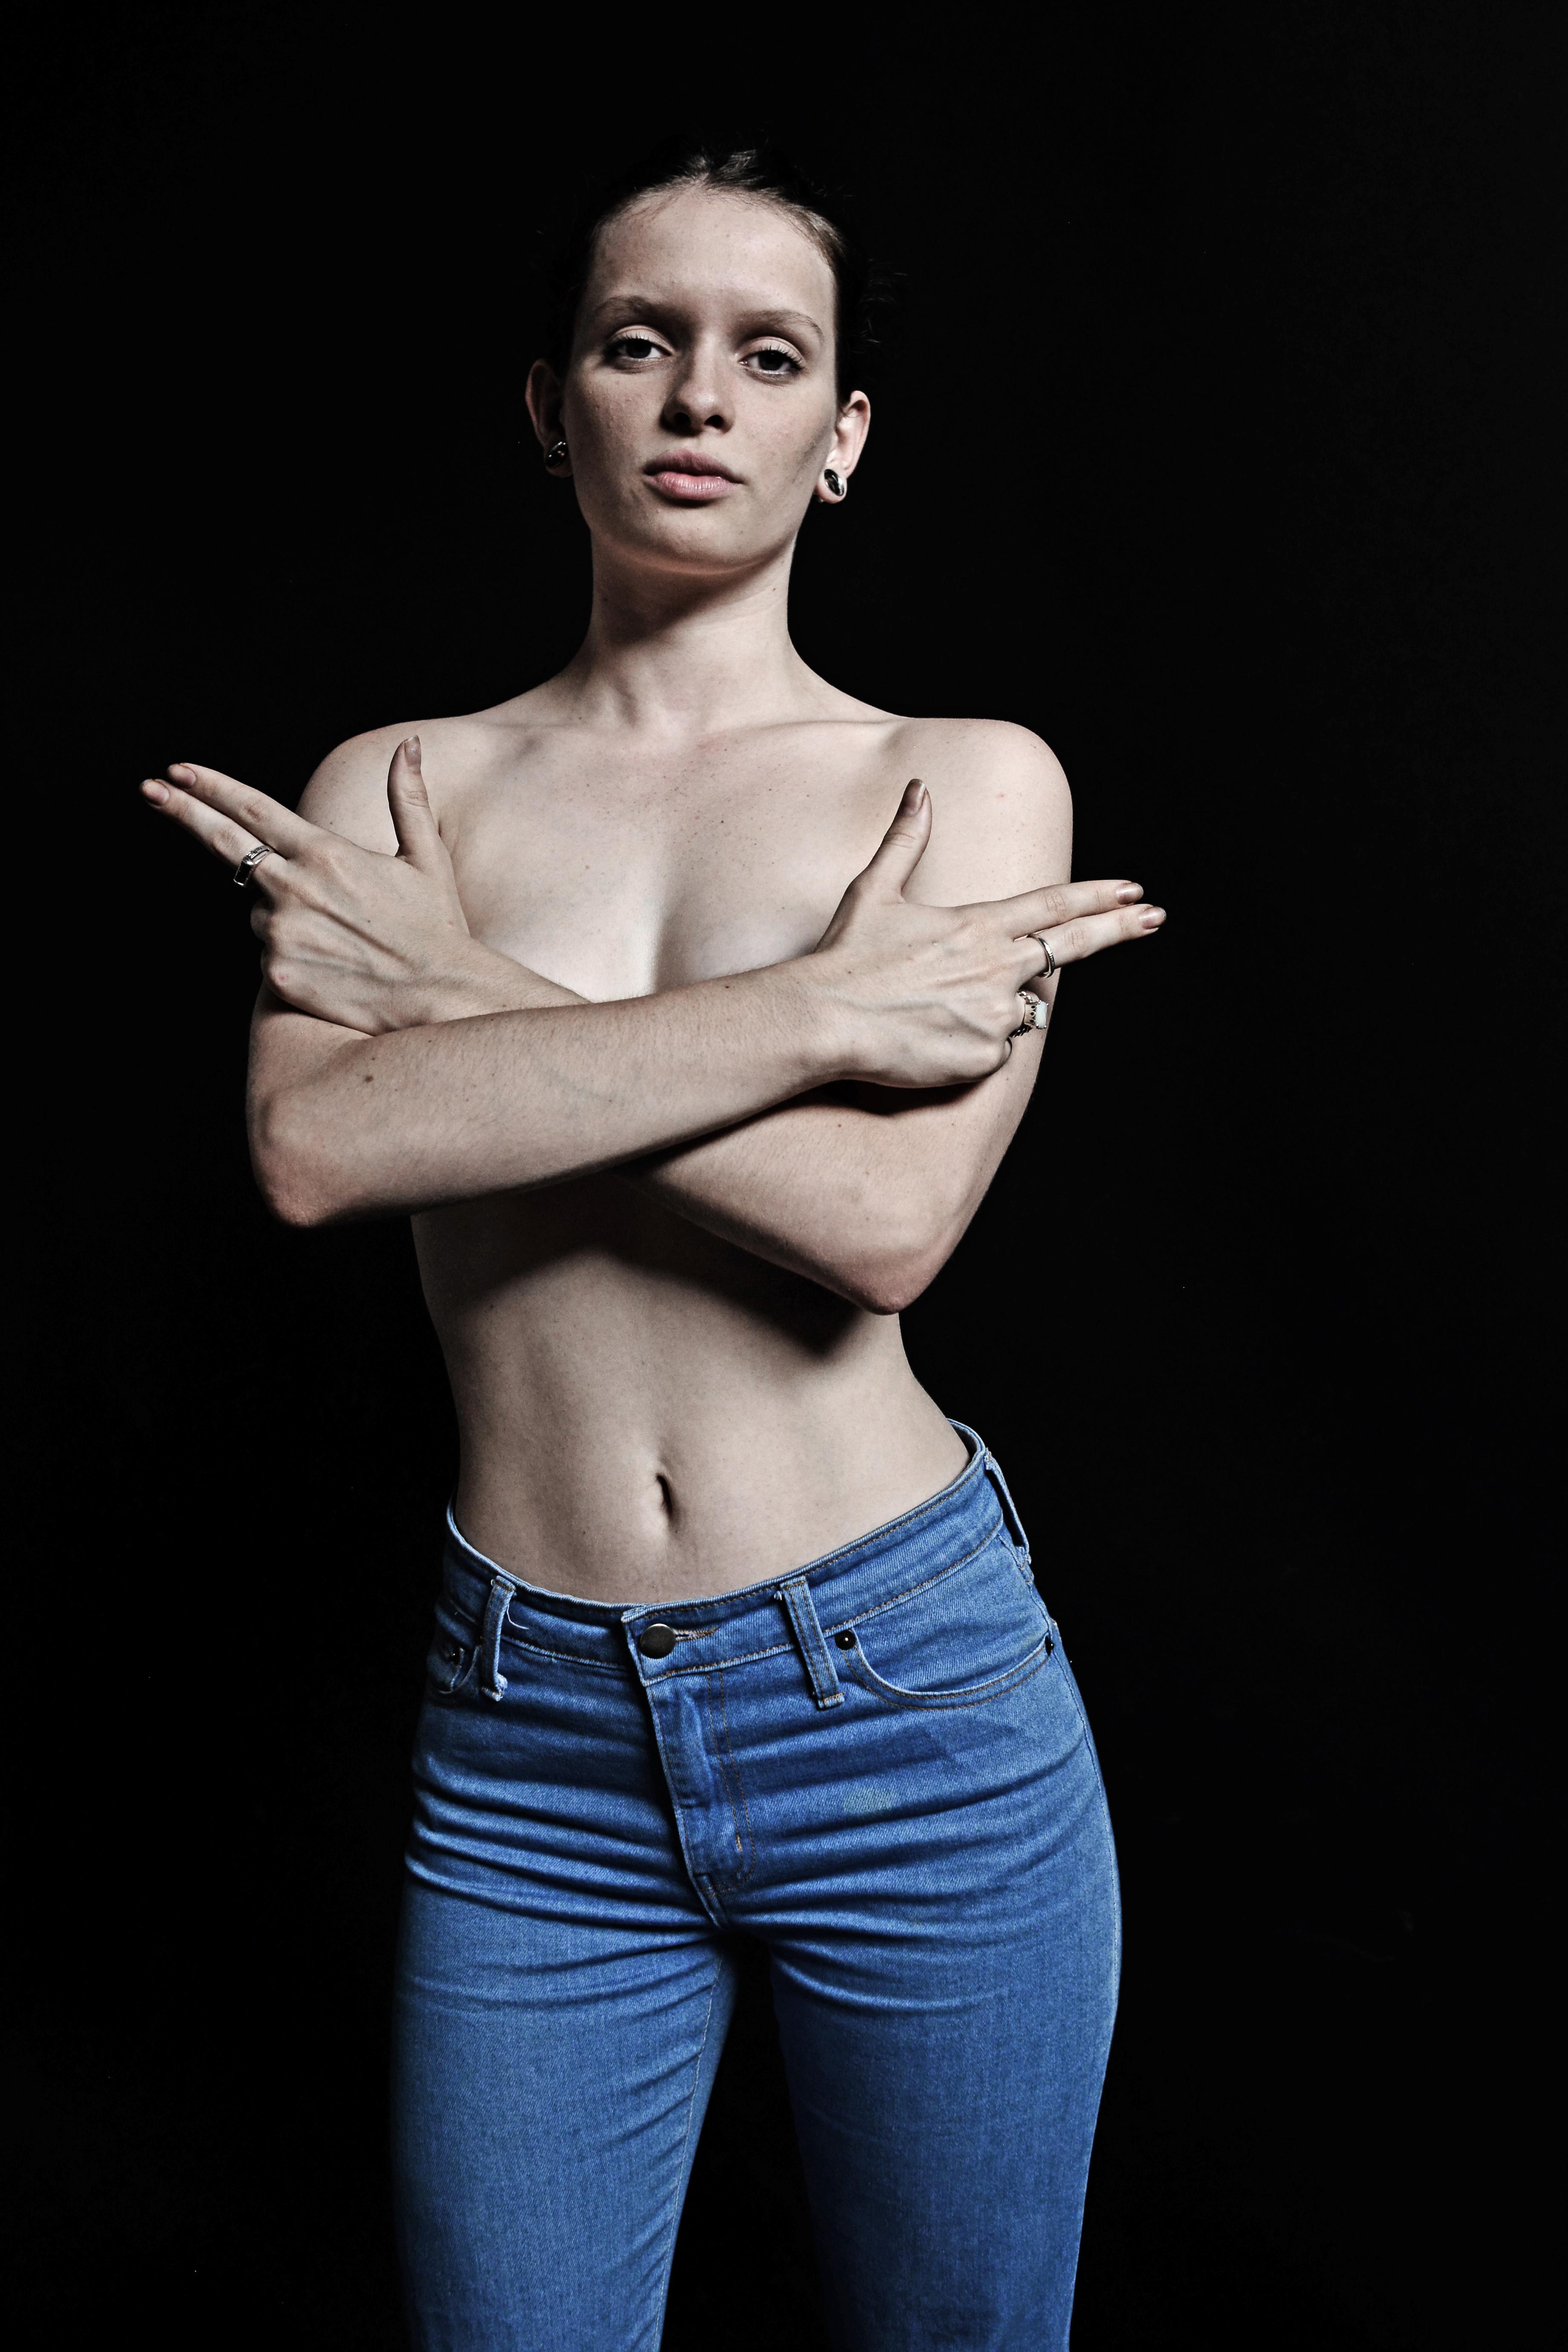 Sophie McGregor 2